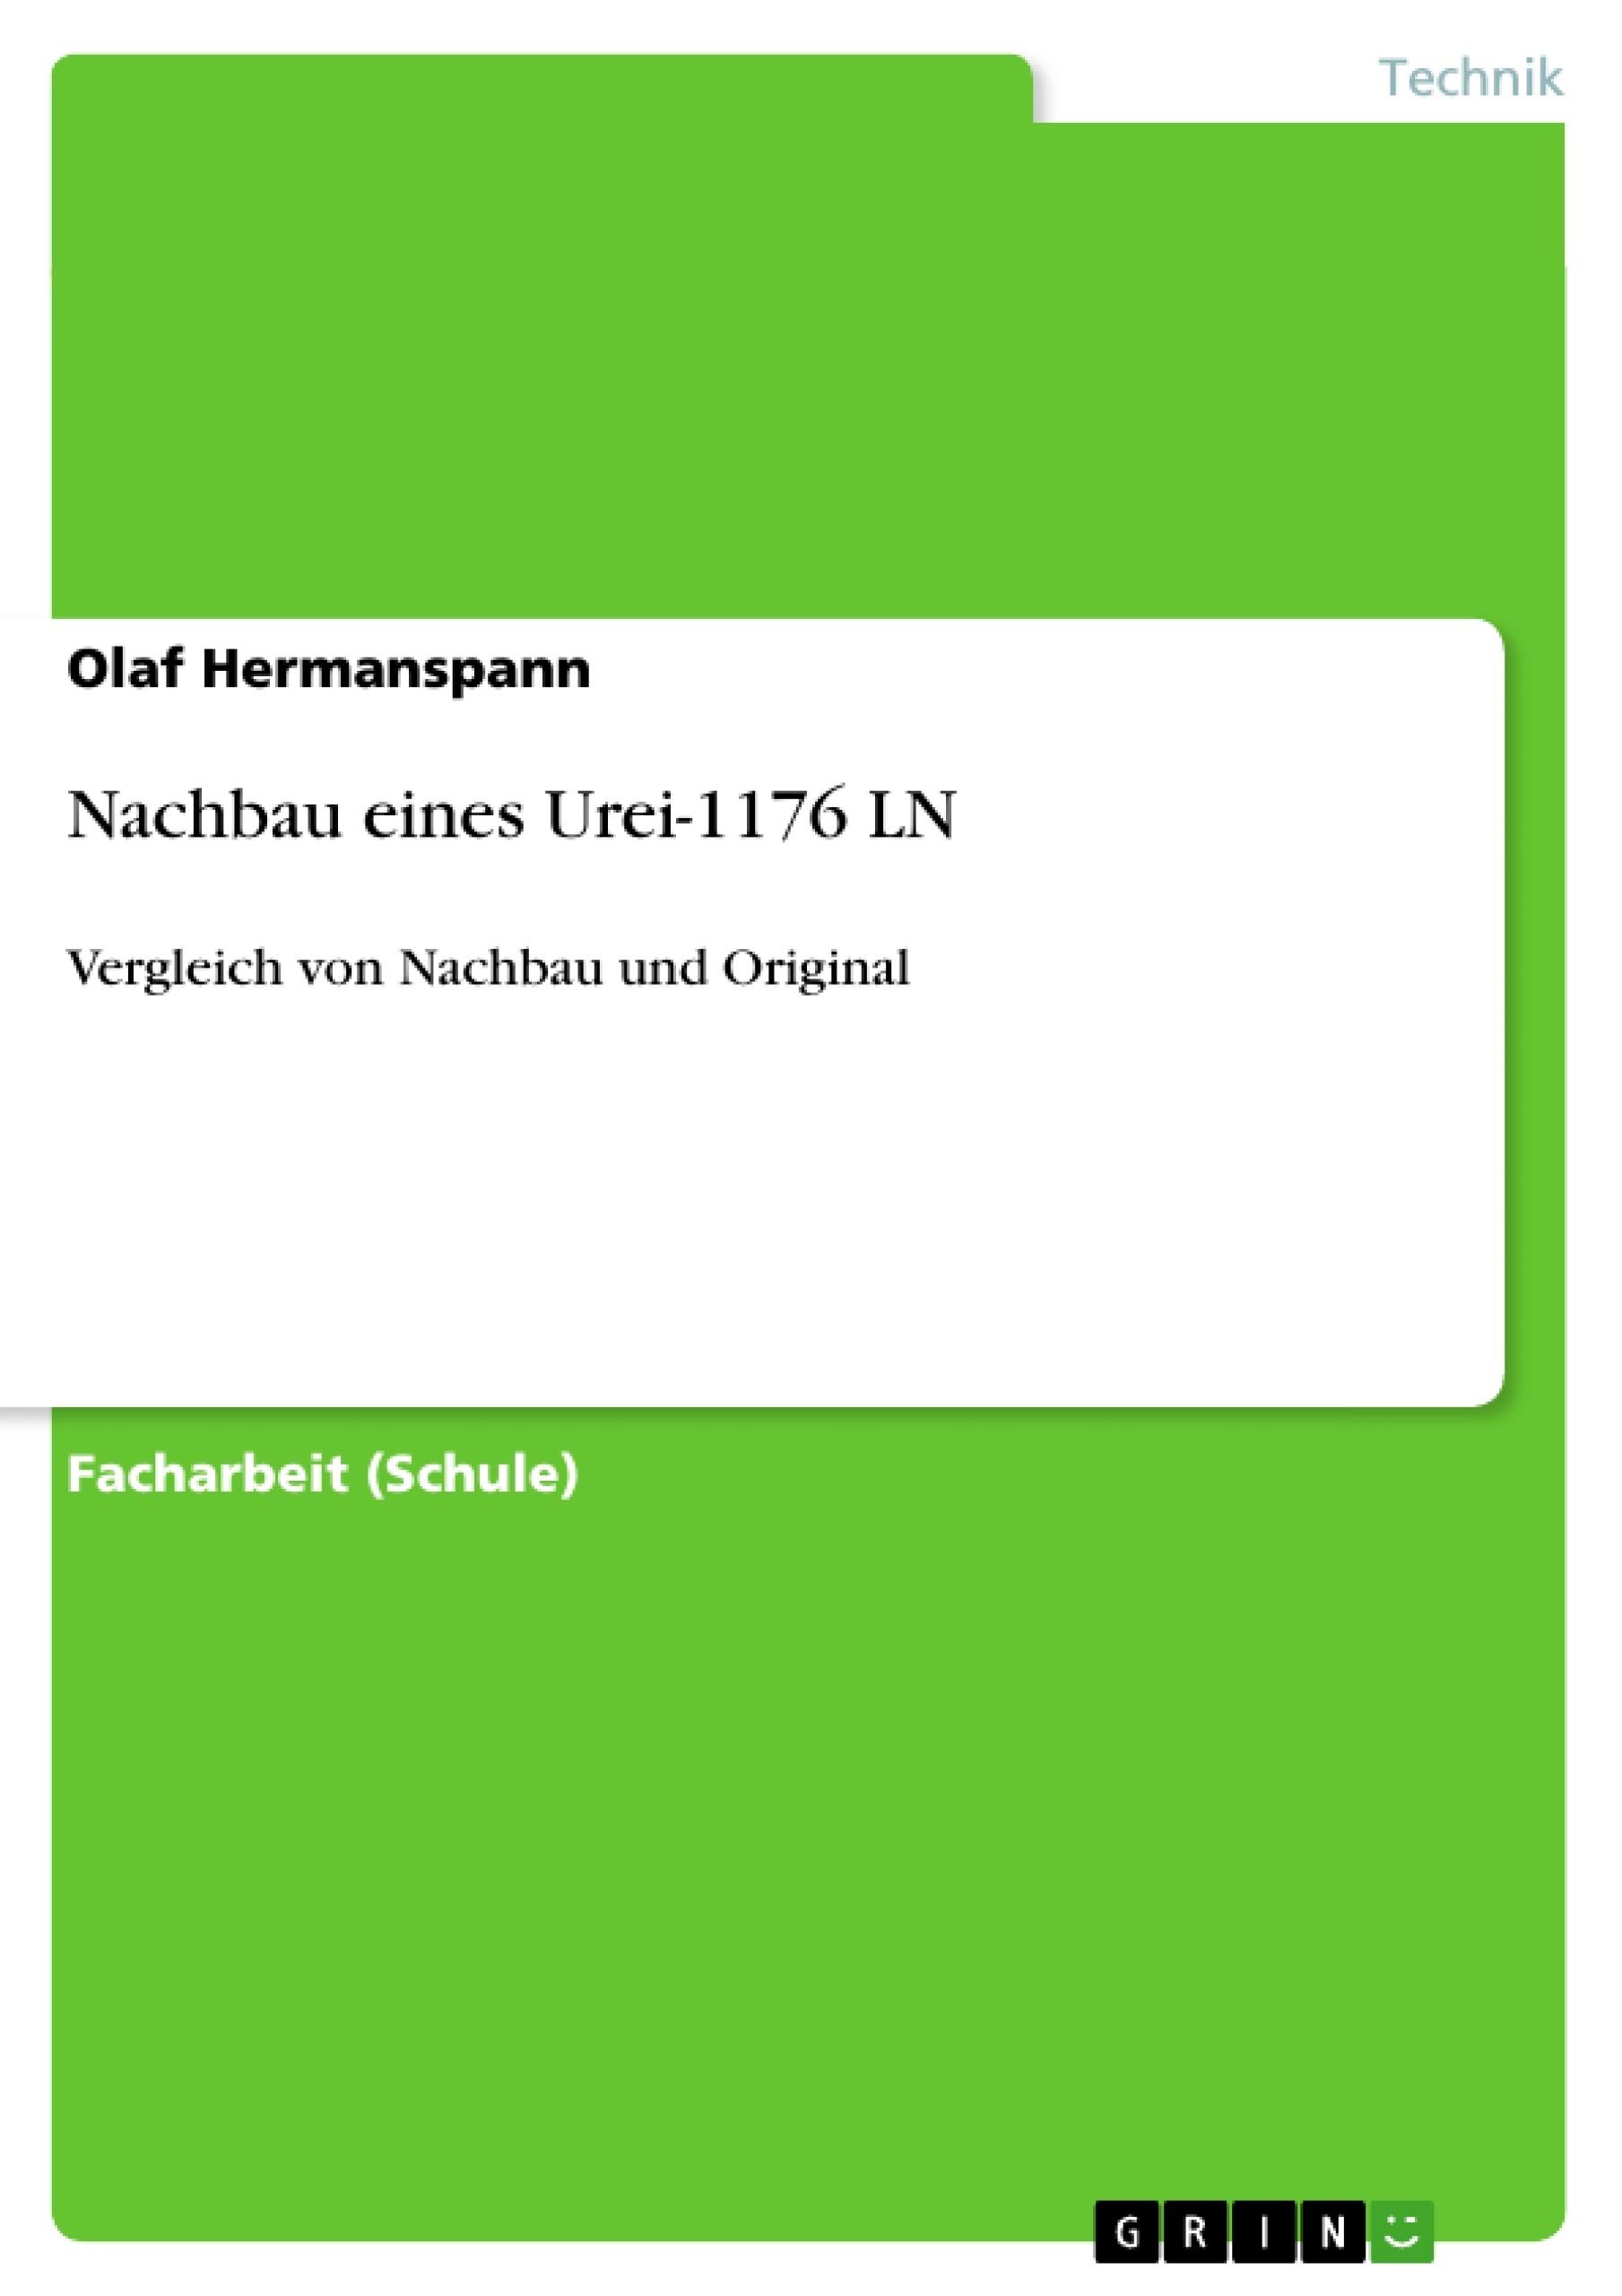 Titel: Nachbau eines Urei-1176 LN